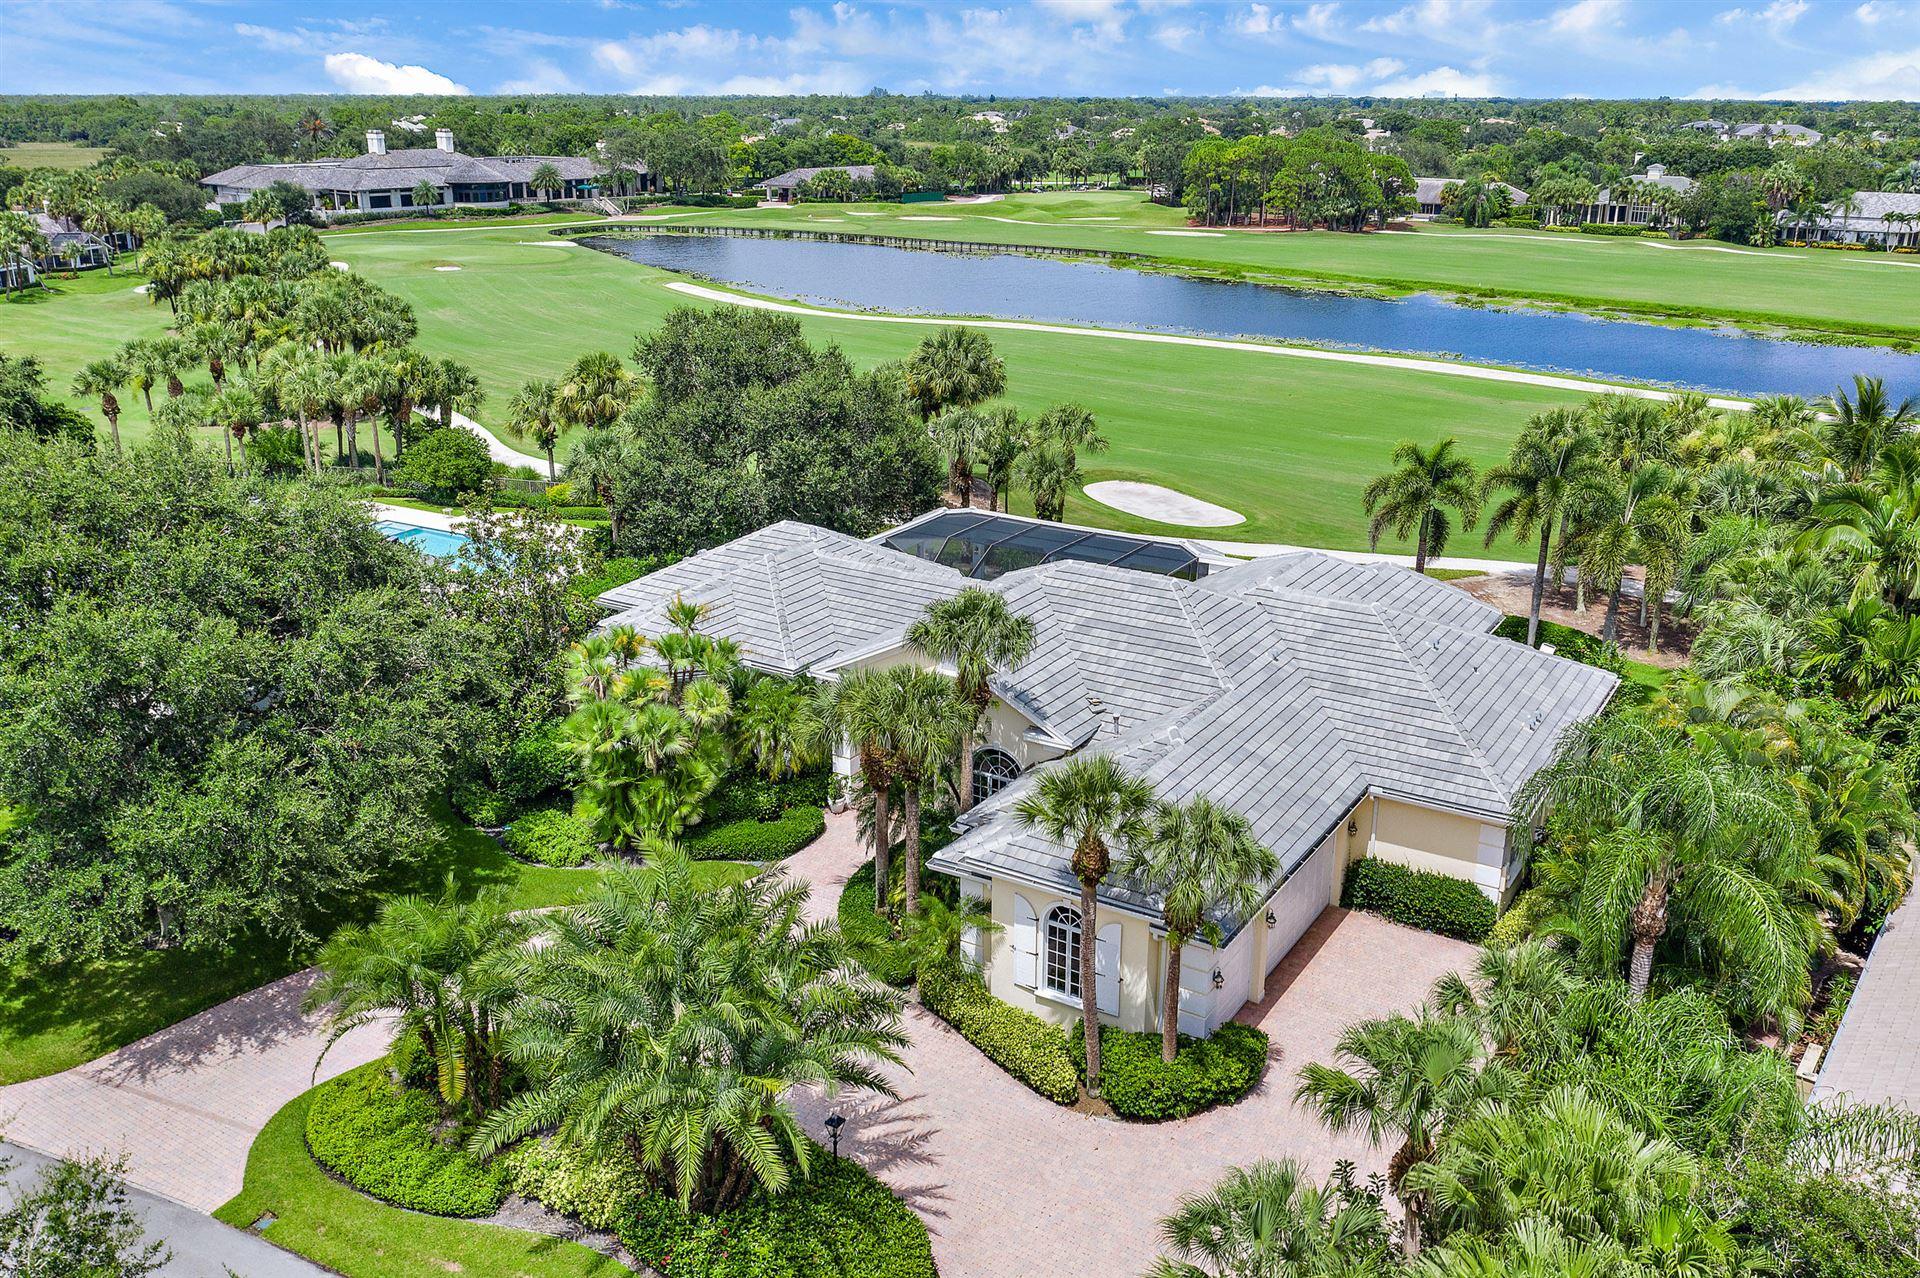 12920 Brynwood, Palm Beach Gardens, FL 33418 - #: RX-10643220